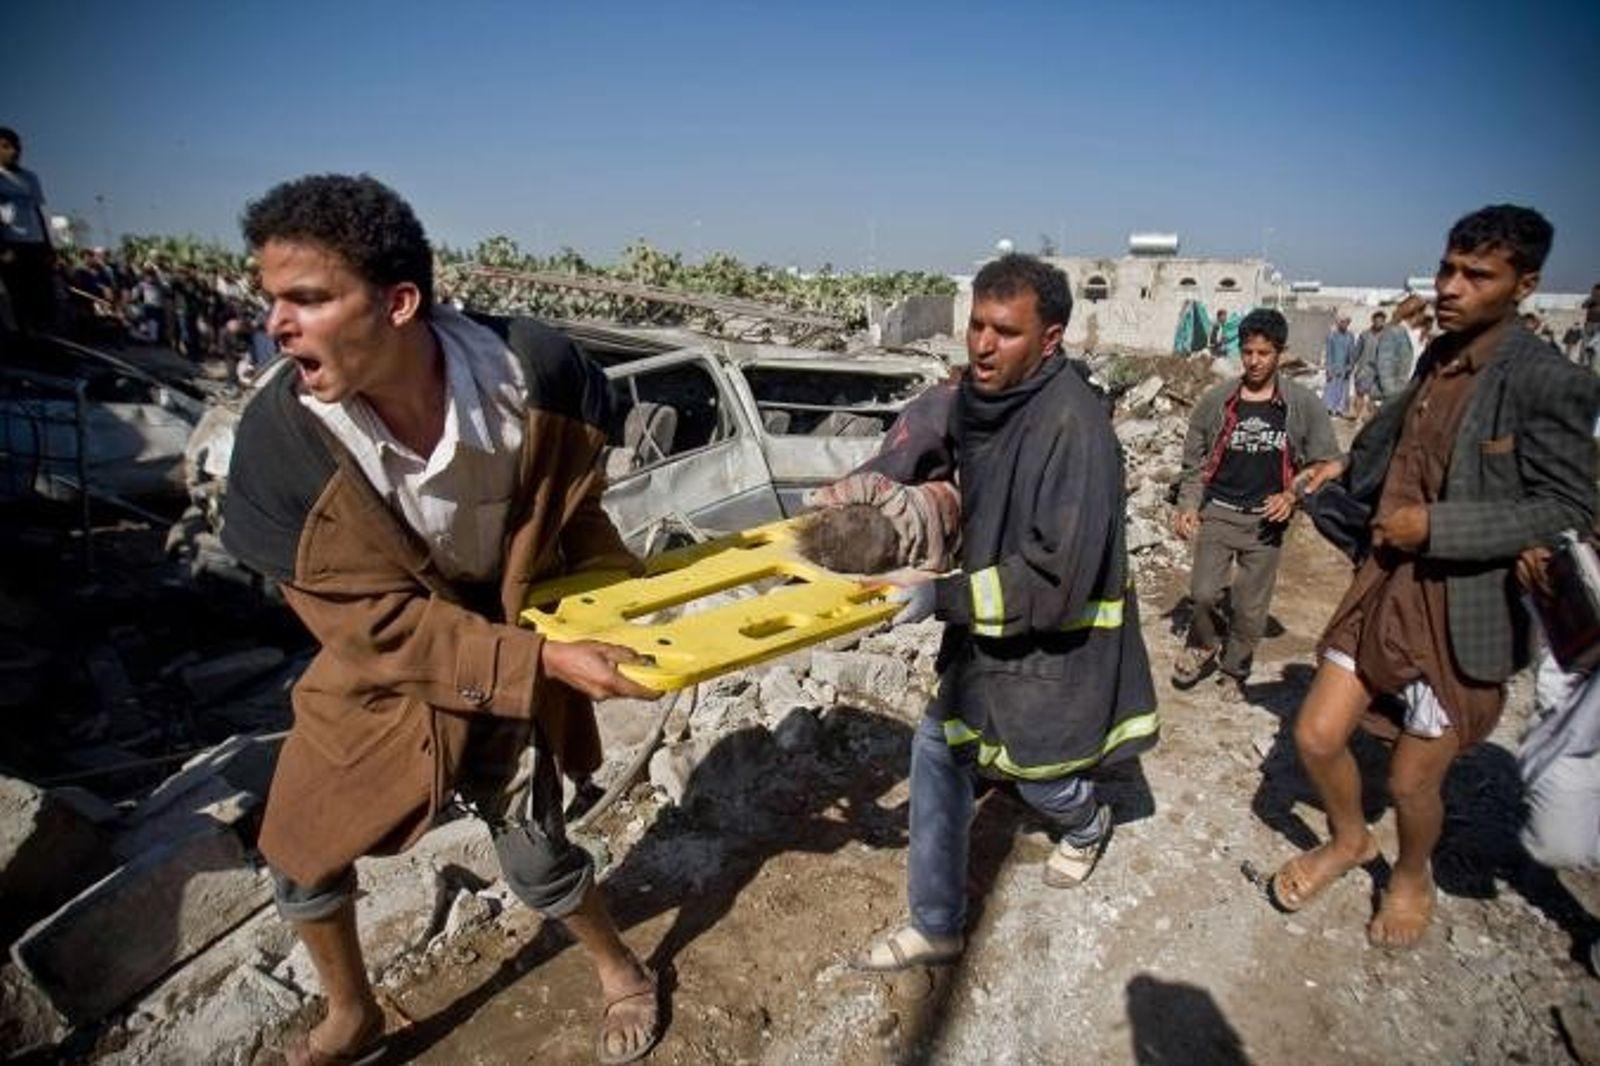 À Sanaa, des personnes transportent le corps d'un enfant qu'il viennent de retrouver sur les décombres ...